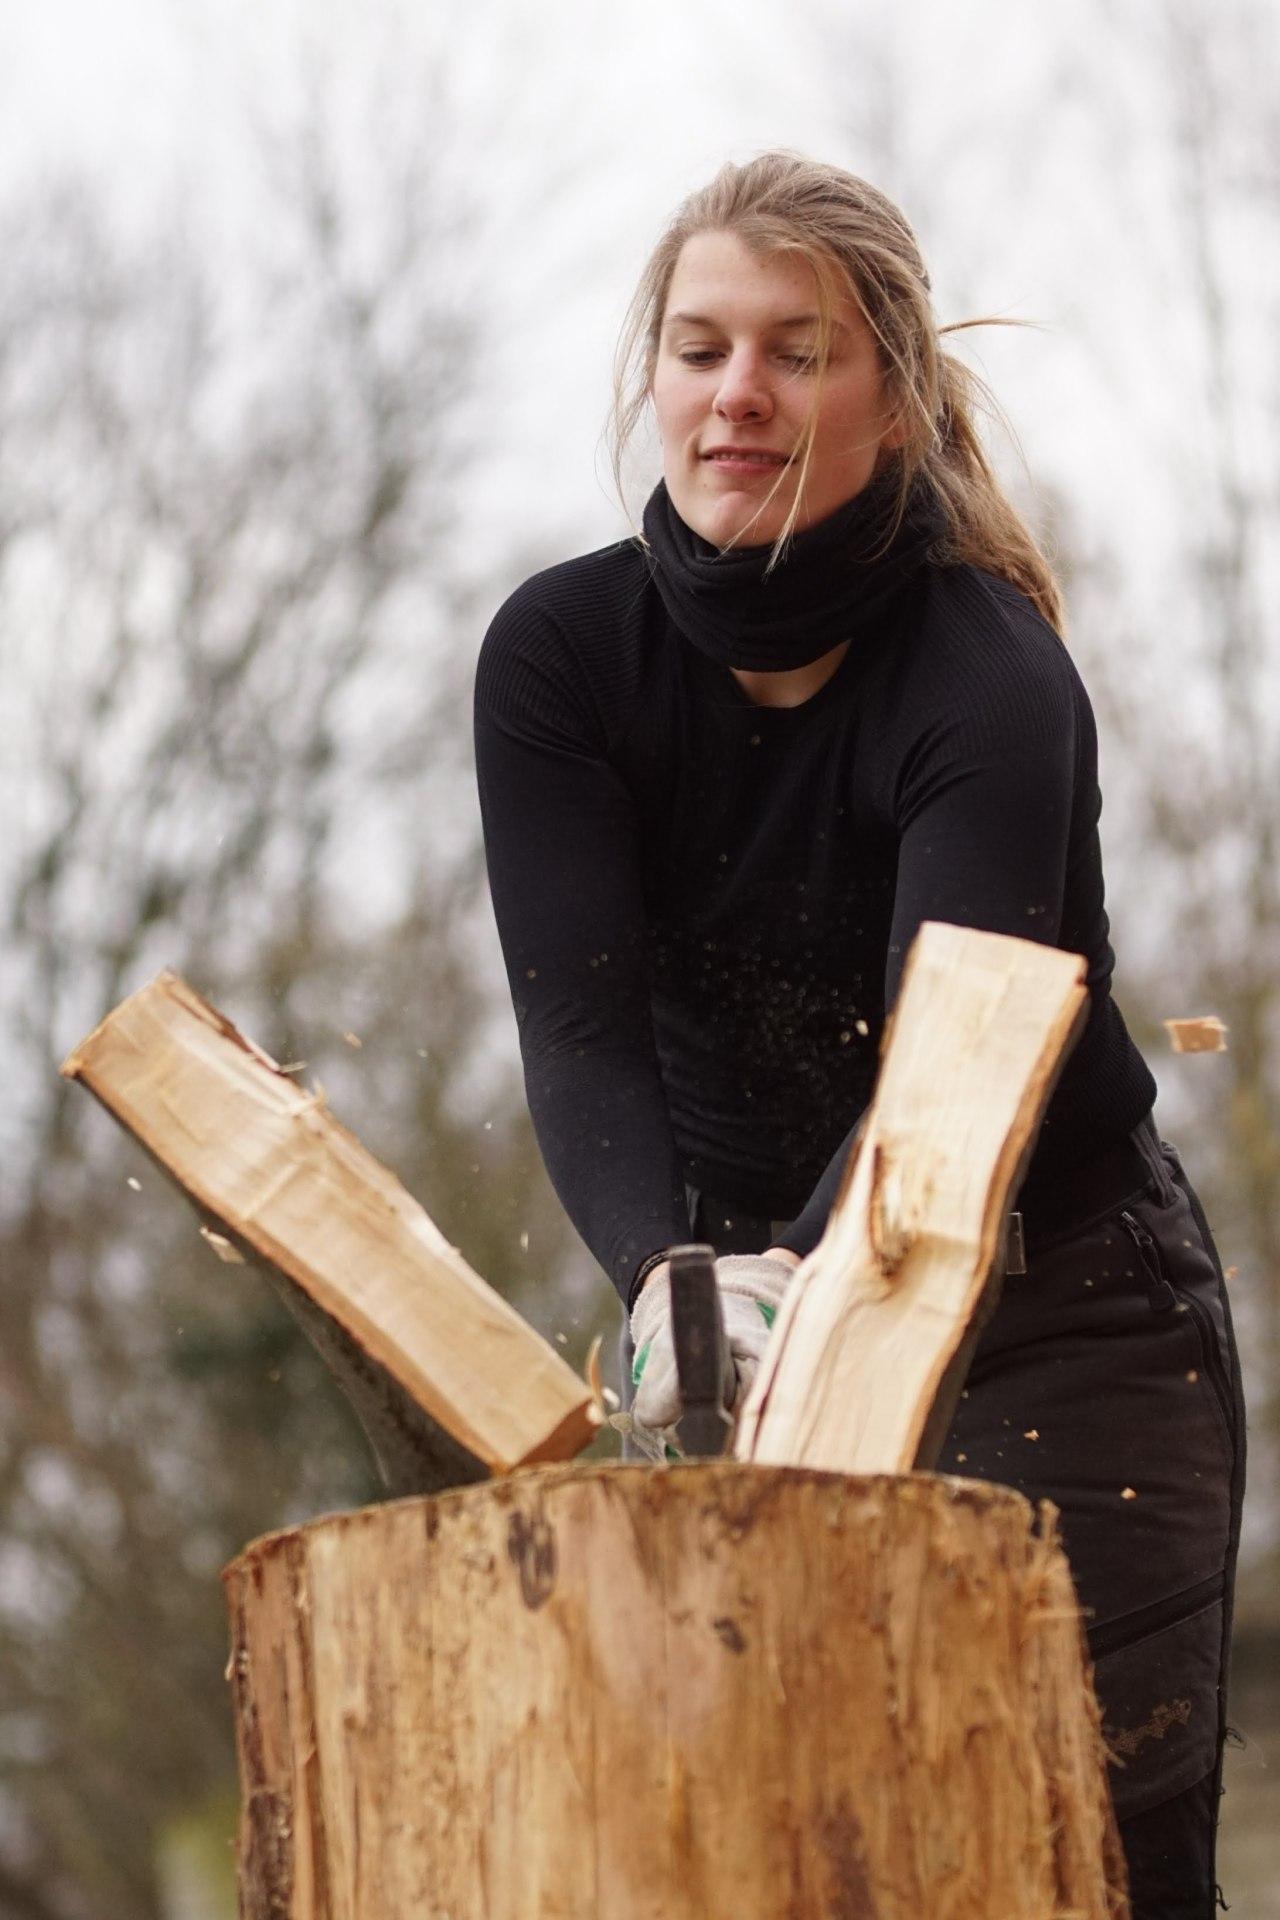 Holz hacken …..